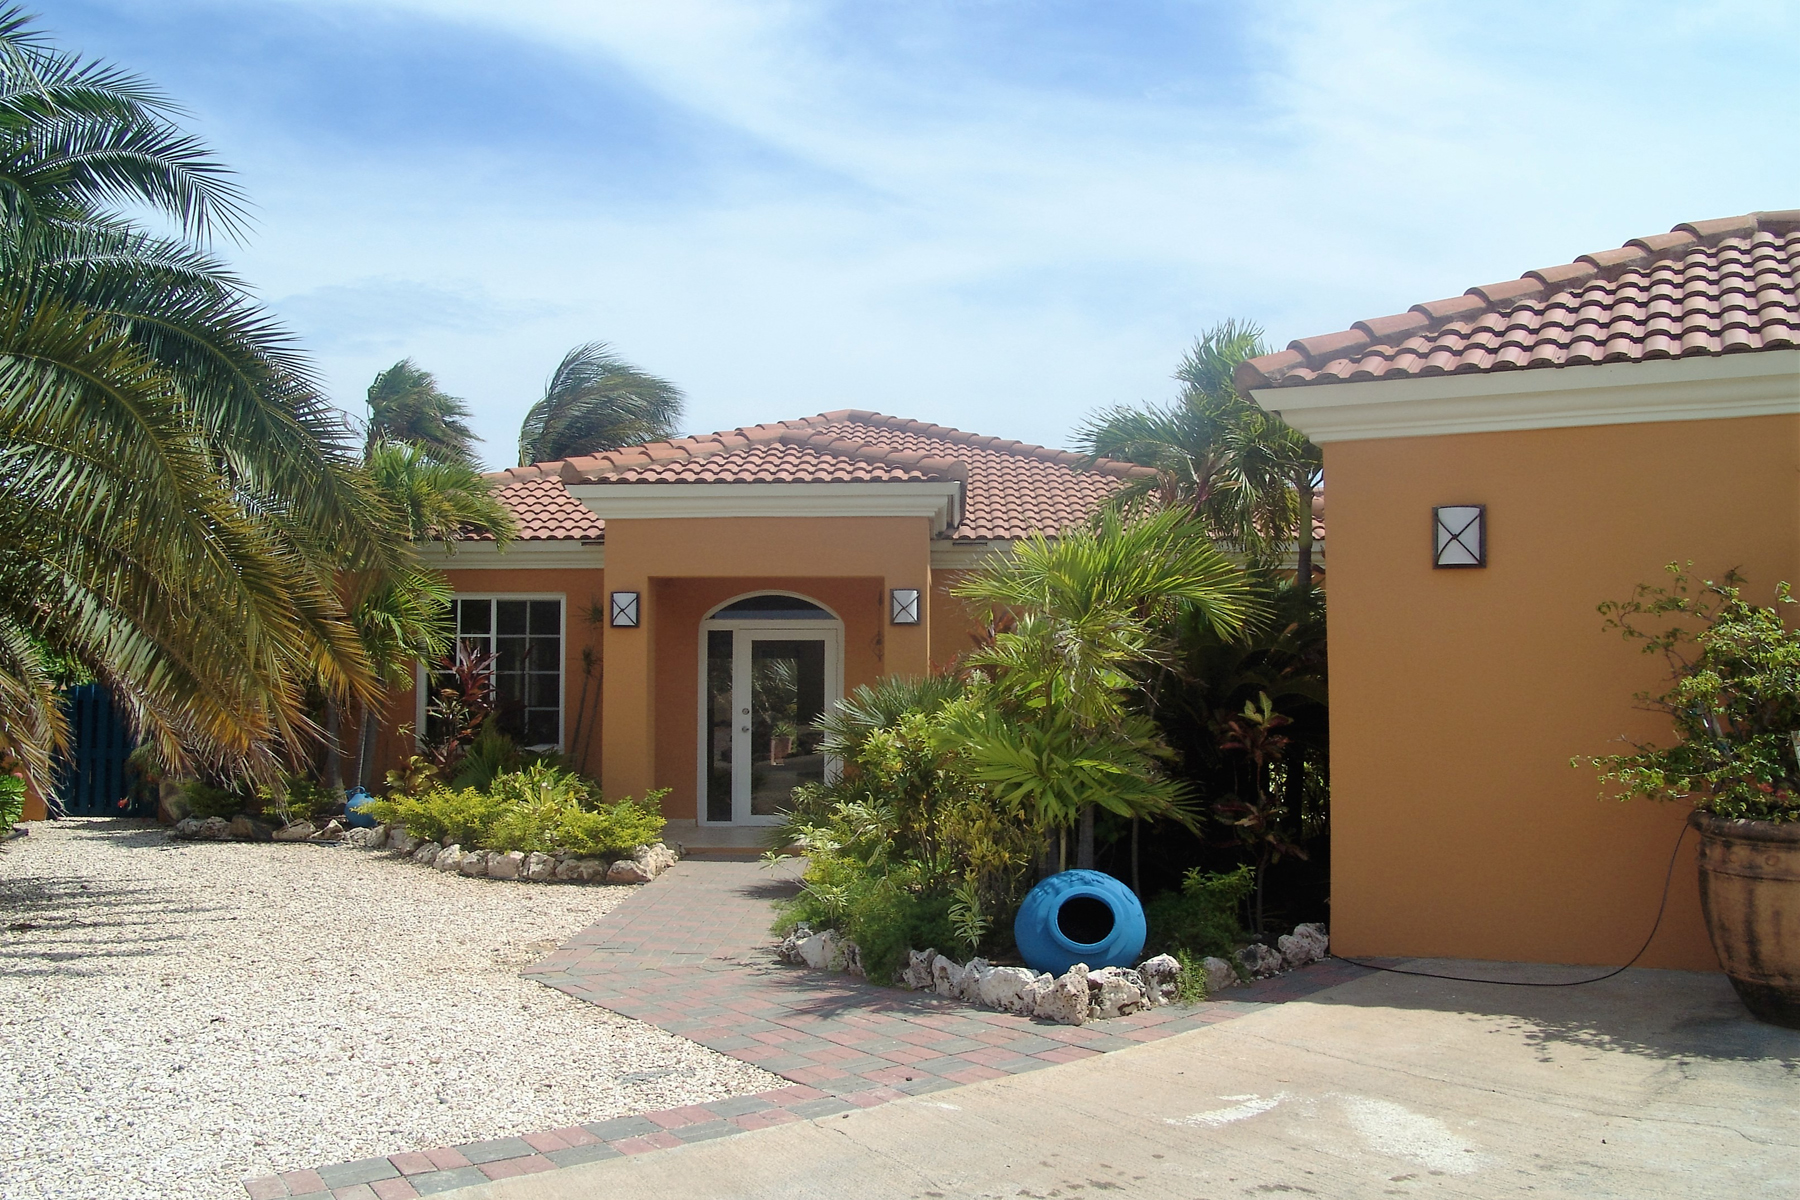 一戸建て のために 売買 アット Spectacular Casita Villa Caya di Campeonnan 19 Las Campeonas Malmok, 00000 アルバ